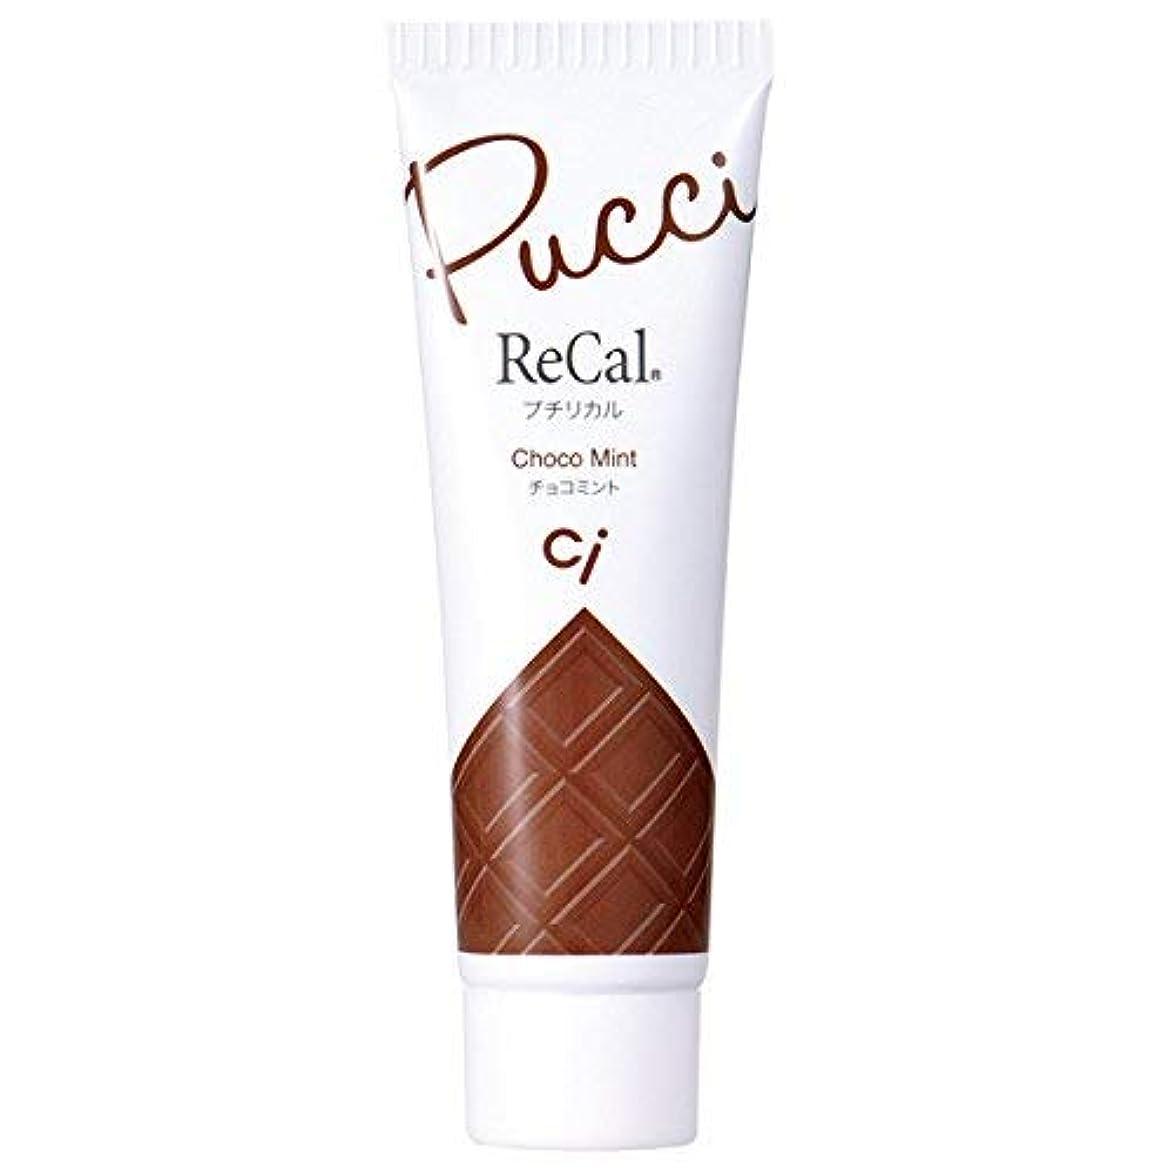 批判的オーバードローギャラリーCi プチリカル チョコミント 1本(30g) 歯科専売品